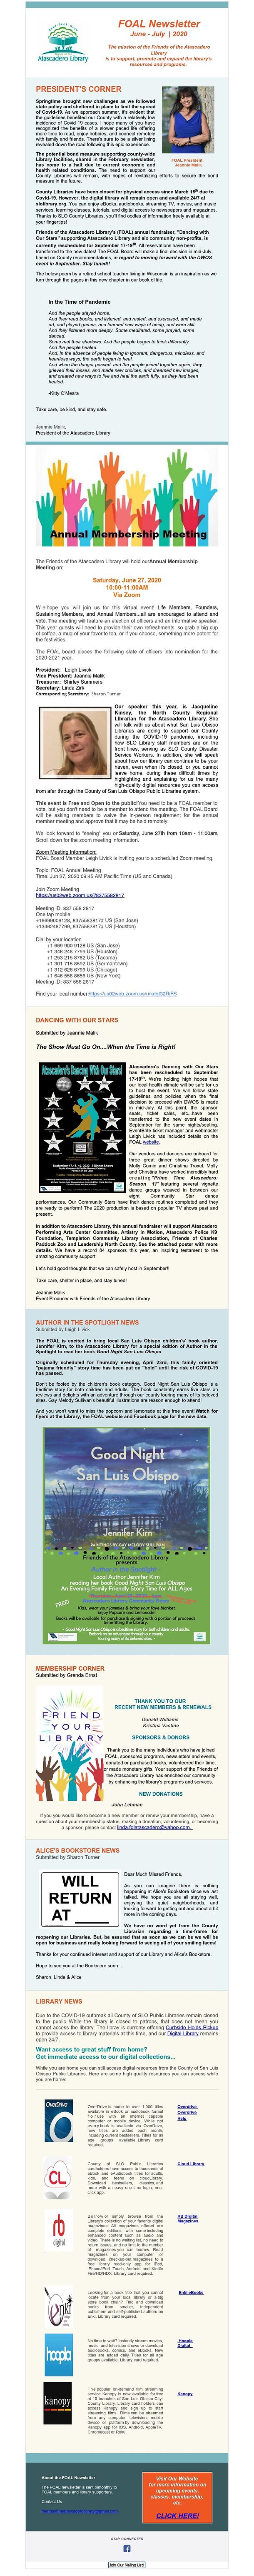 JUNJULY 2020 FOAL Newsletter.jpg